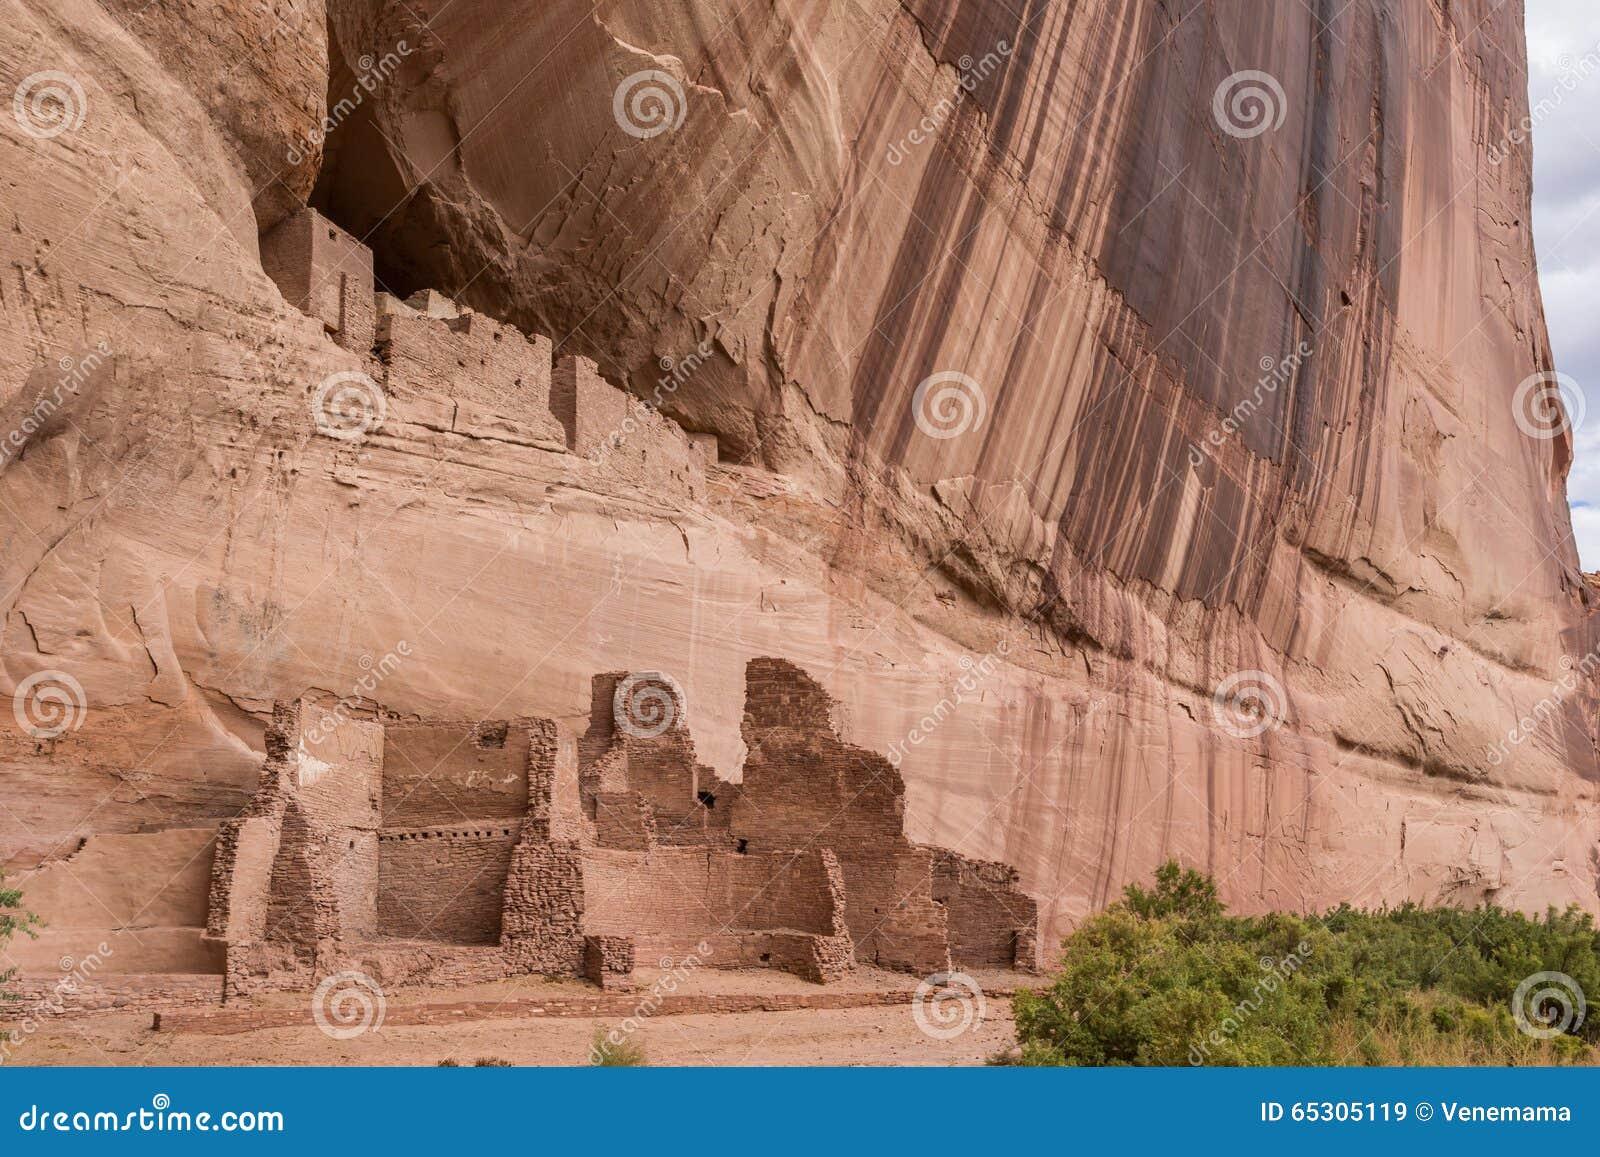 Weiße Hausruinen in Nationaldenkmal Canyon de Chelly